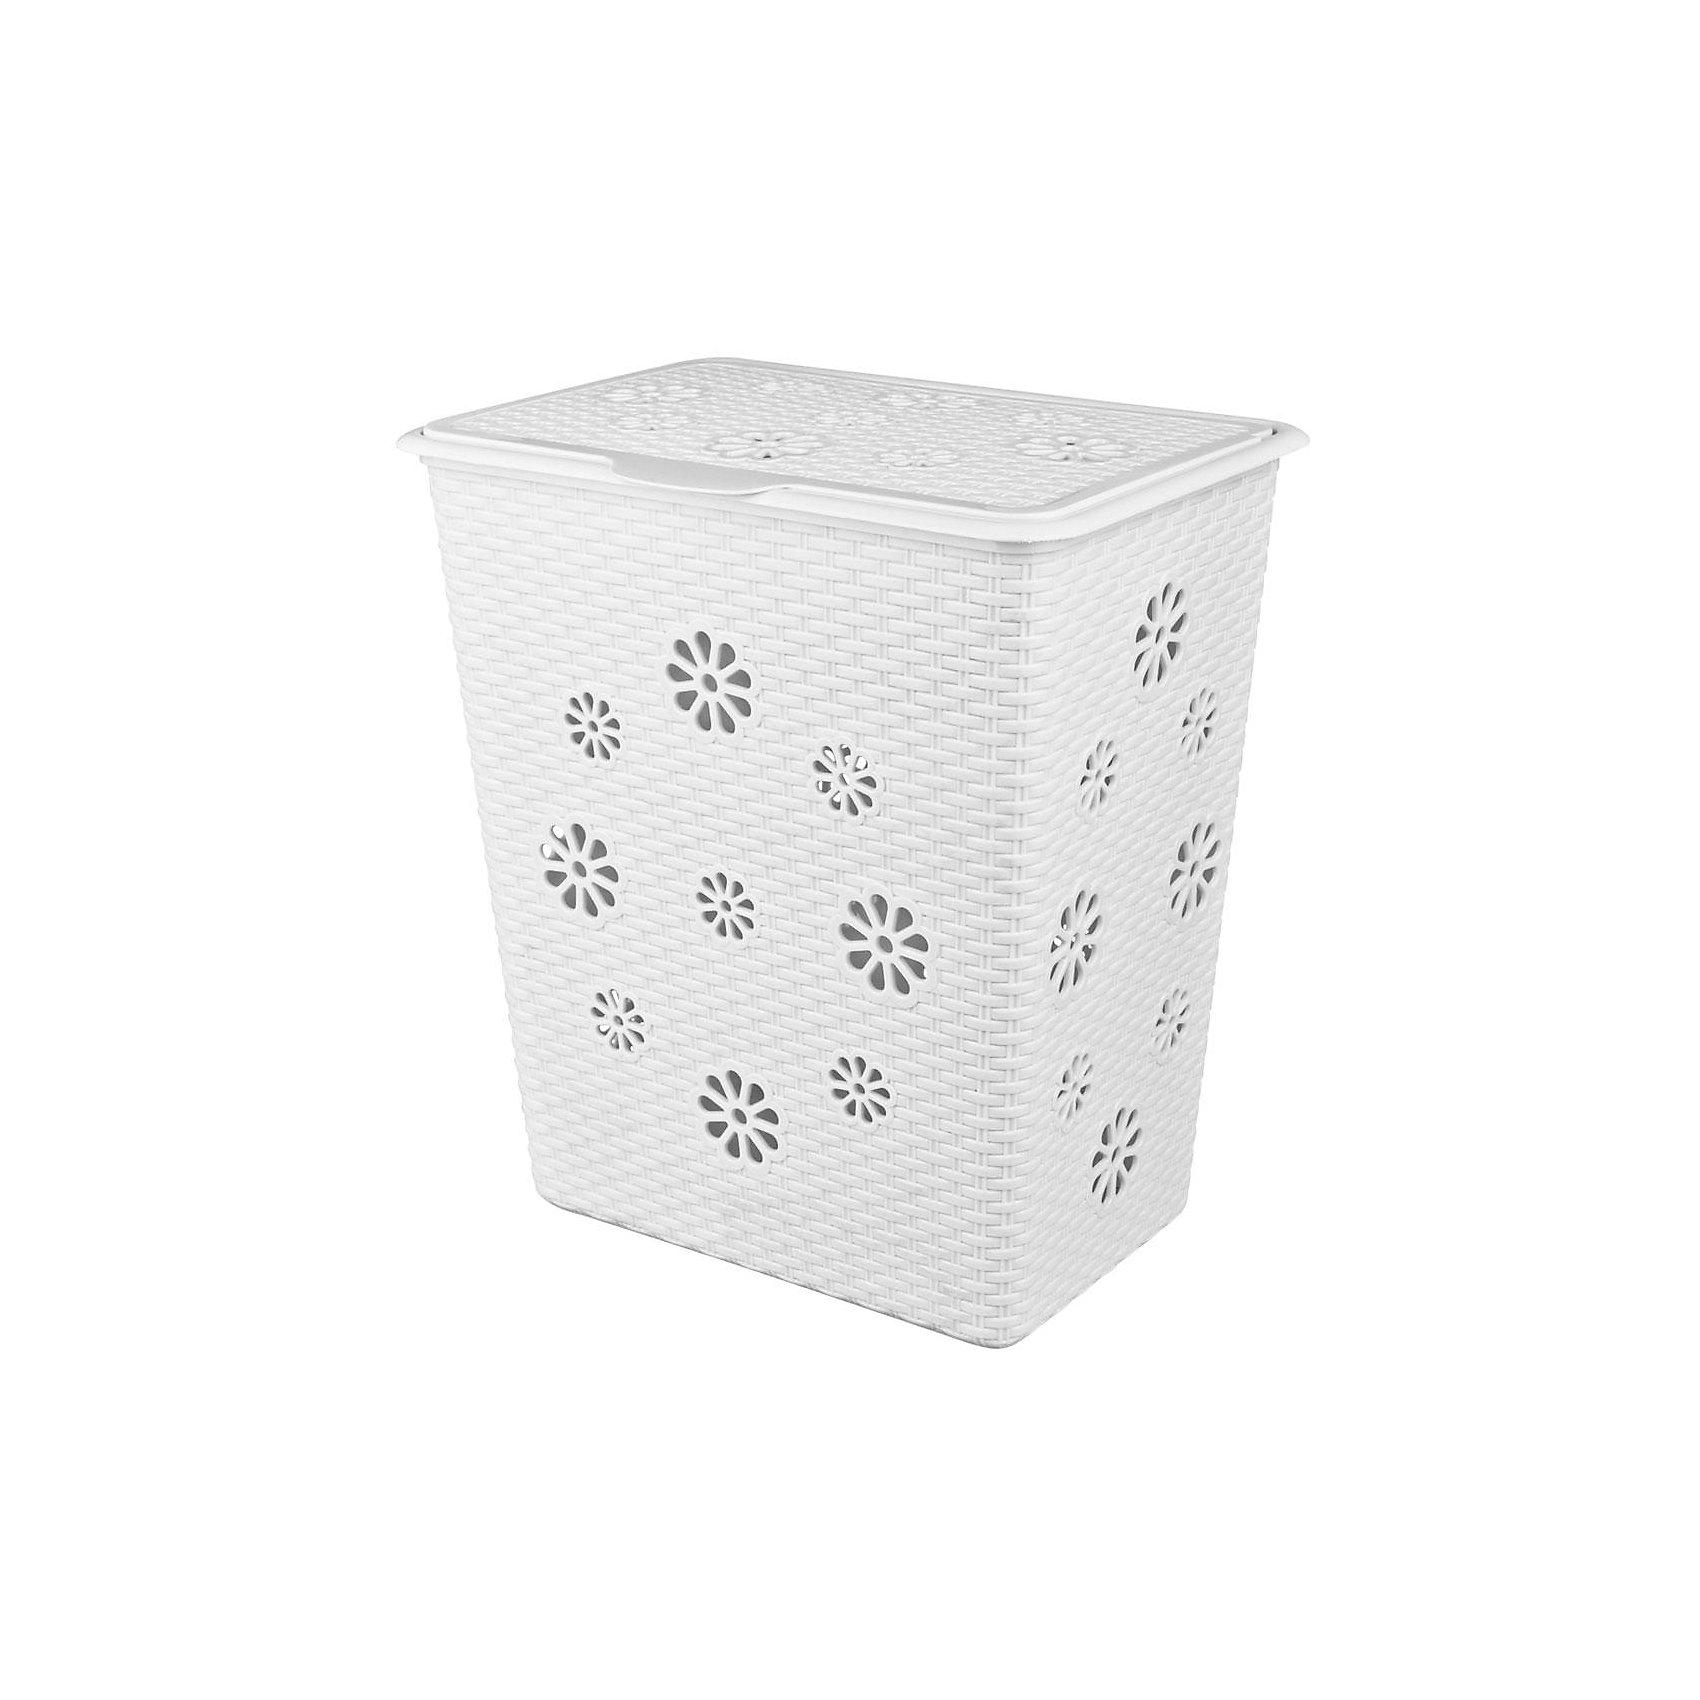 Корзина для белья Плетёнка 60л., Alternativa, белыйВанная комната<br>Характеристики:<br><br>• Предназначение: для белья<br>• Материал: пластик<br>• Цвет: белый<br>• Размер (Д*Ш*В): 34*46*50,5 см<br>• Форма: прямоугольный<br>• Объем: 60 л<br>• Наличие крышки<br>• Особенности ухода: разрешается мыть теплой водой<br><br>Корзина для белья Плетёнка 60 л., Alternativa, белый изготовлена отечественным производителем ООО ЗПИ Альтернатива, который специализируется на выпуске широкого спектра изделий из пластика. Корзина выполнена из экологически безопасного пластика, устойчивого к механическим повреждениям, корпус оформлен имитацией плетения из лозы, по сторонам корзины имеются отверстия в форме цветов, которые обеспечивают циркуляцию воздуха, в комплекте предусмотрена крышка. Изделие имеет удобную форму, достаточно легкое в уходе. Корзину для белья Плетёнка 60 л., Alternativa, белую можно использовать не только для белья, но и для хранения игрушек.<br><br>Корзину для белья Плетёнка 60 л., Alternativa, белую можно купить в нашем интернет-магазине.<br><br>Ширина мм: 340<br>Глубина мм: 460<br>Высота мм: 505<br>Вес г: 2007<br>Возраст от месяцев: 6<br>Возраст до месяцев: 588<br>Пол: Унисекс<br>Возраст: Детский<br>SKU: 5096608